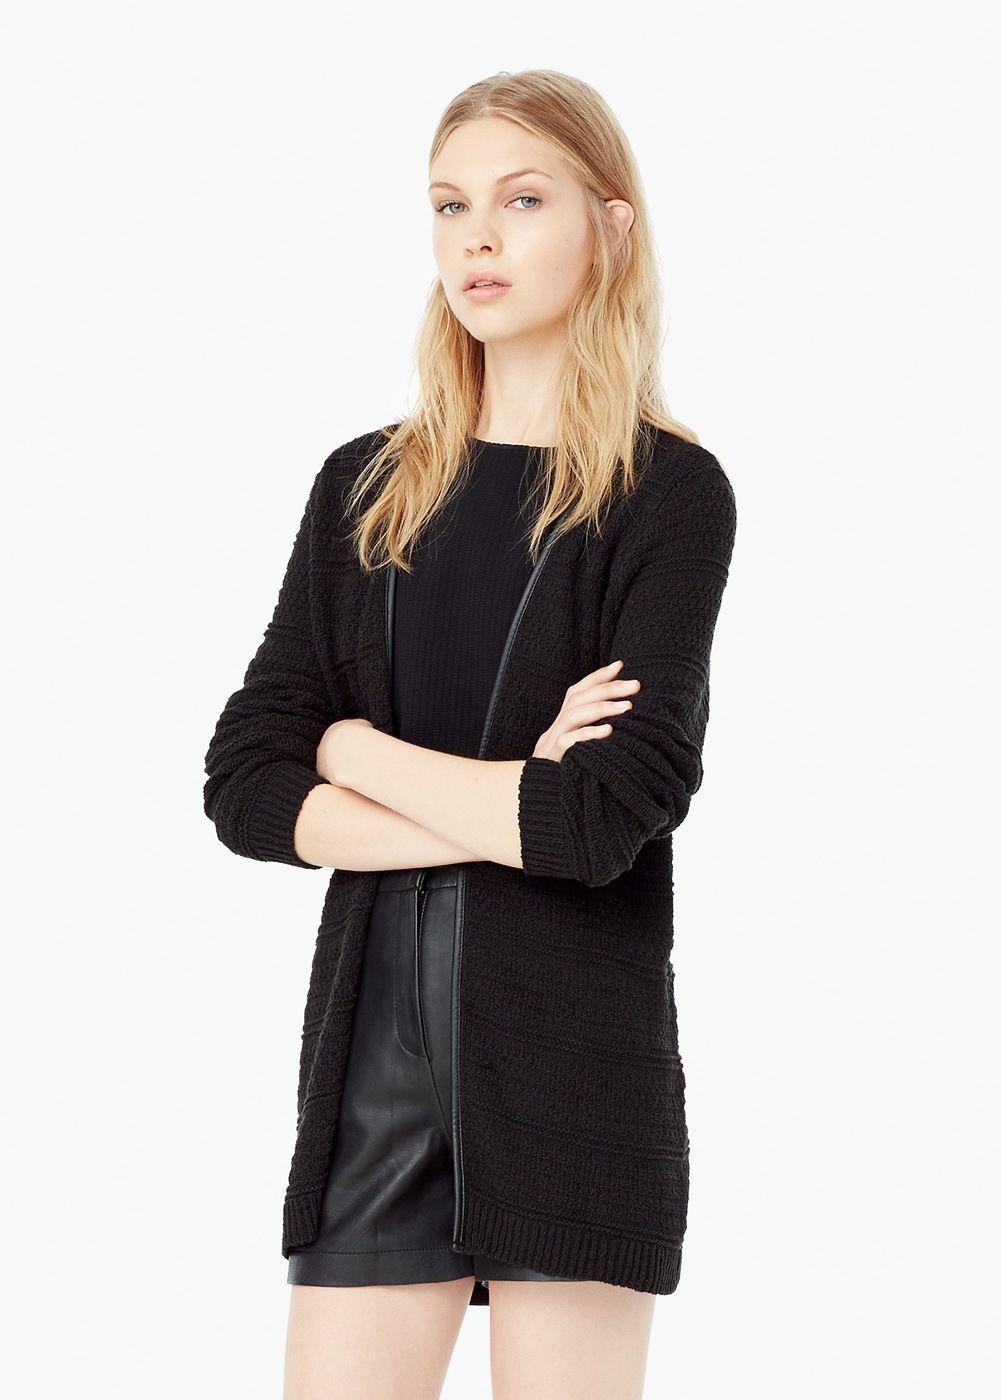 baratas nueva especiales materiales de alta calidad Cárdigan algodón - Mujer   Must have!   Cardigans for women ...